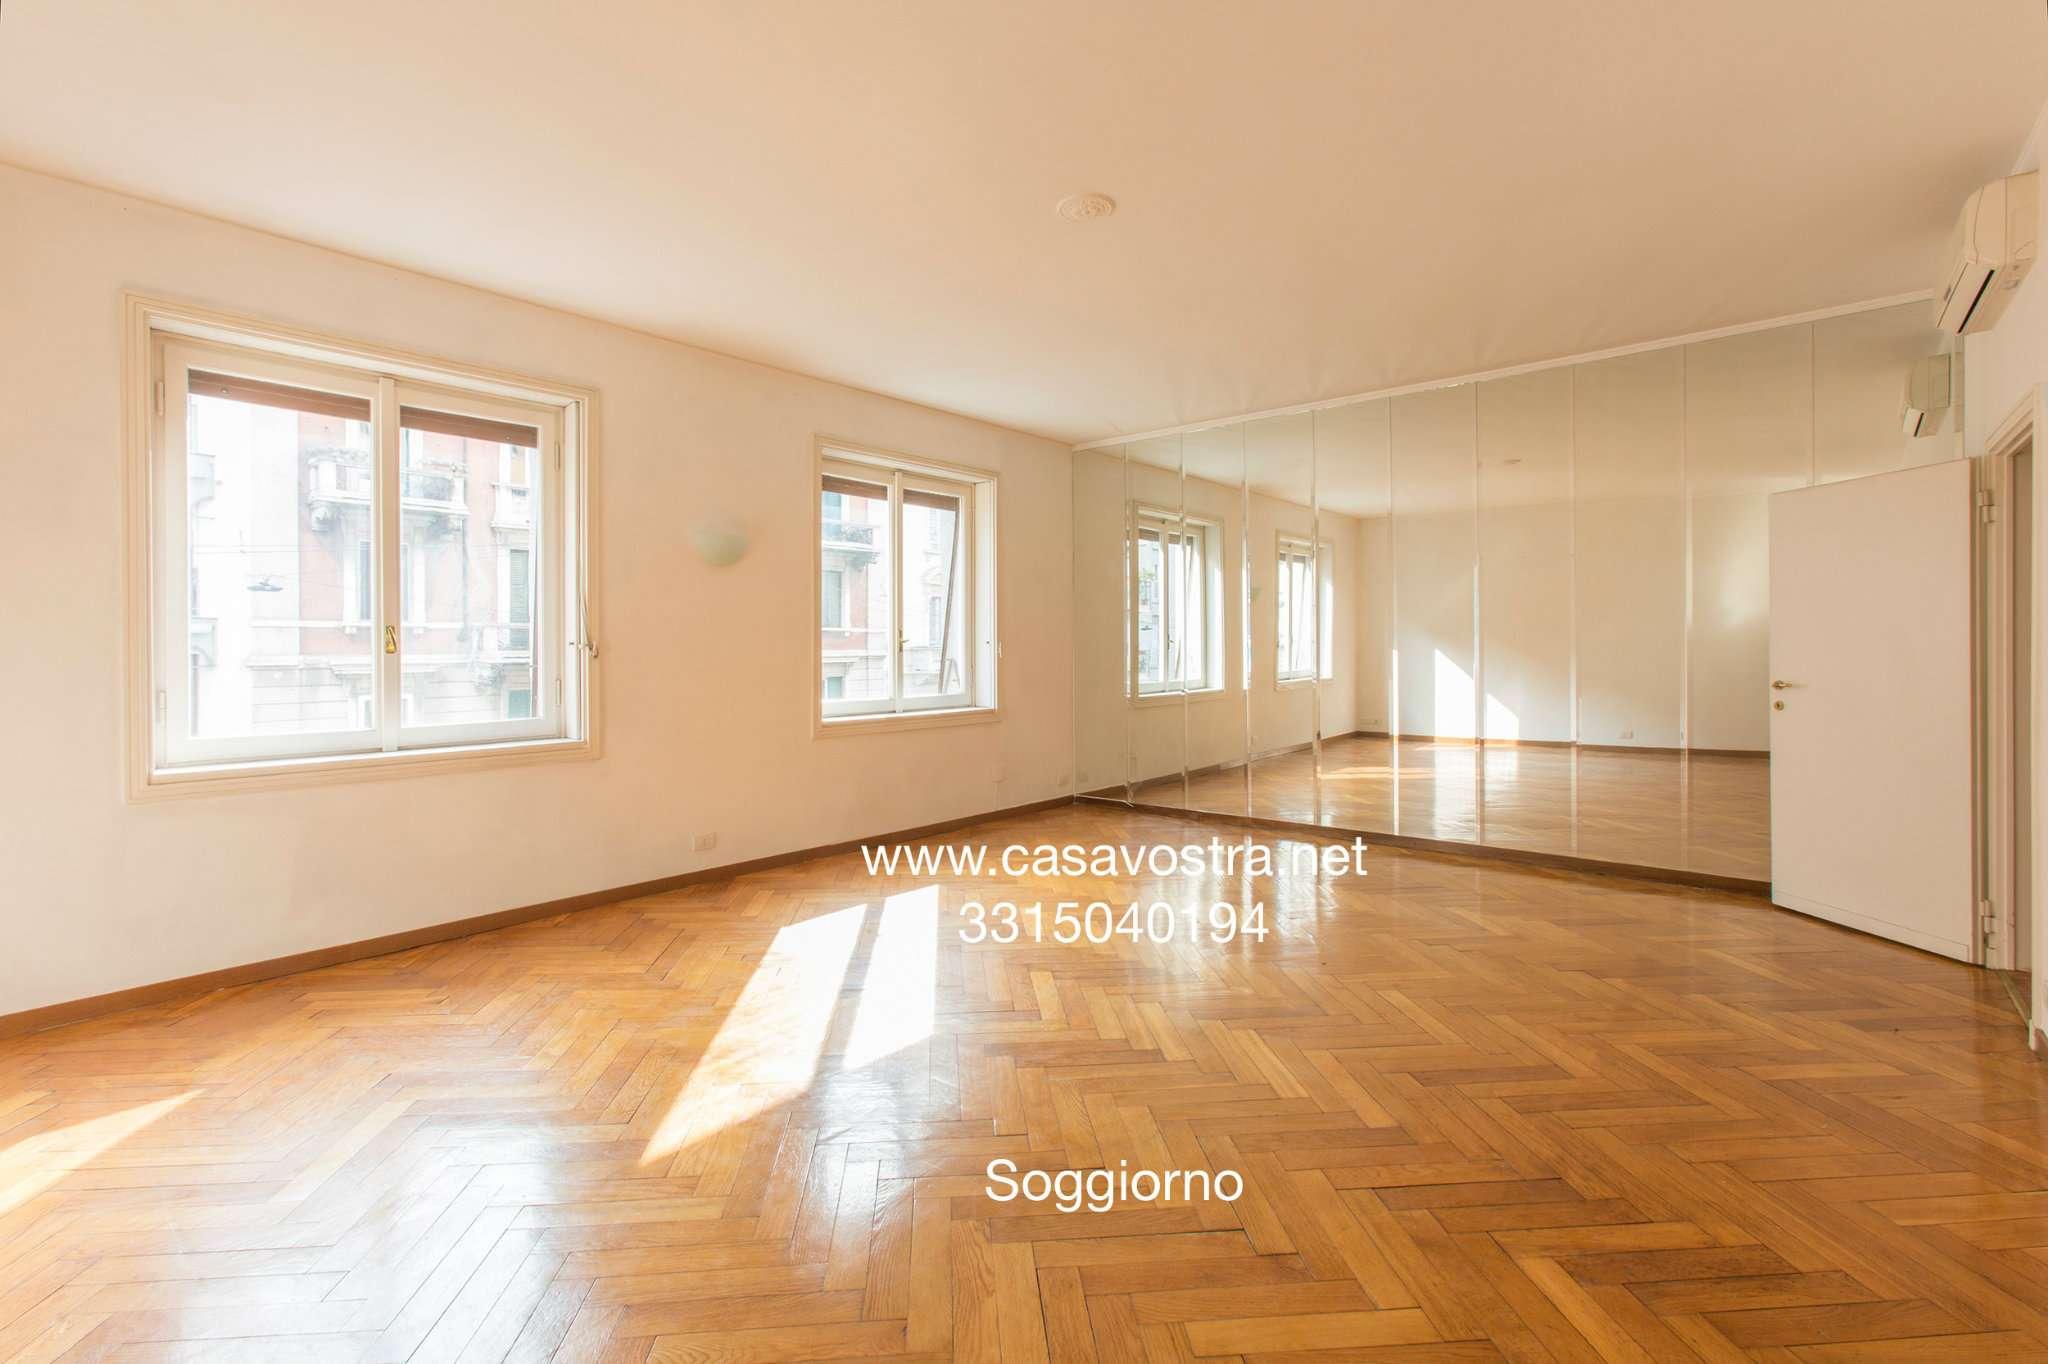 Appartamento in Vendita a Milano 03 Venezia / Piave / Buenos Aires: 4 locali, 140 mq